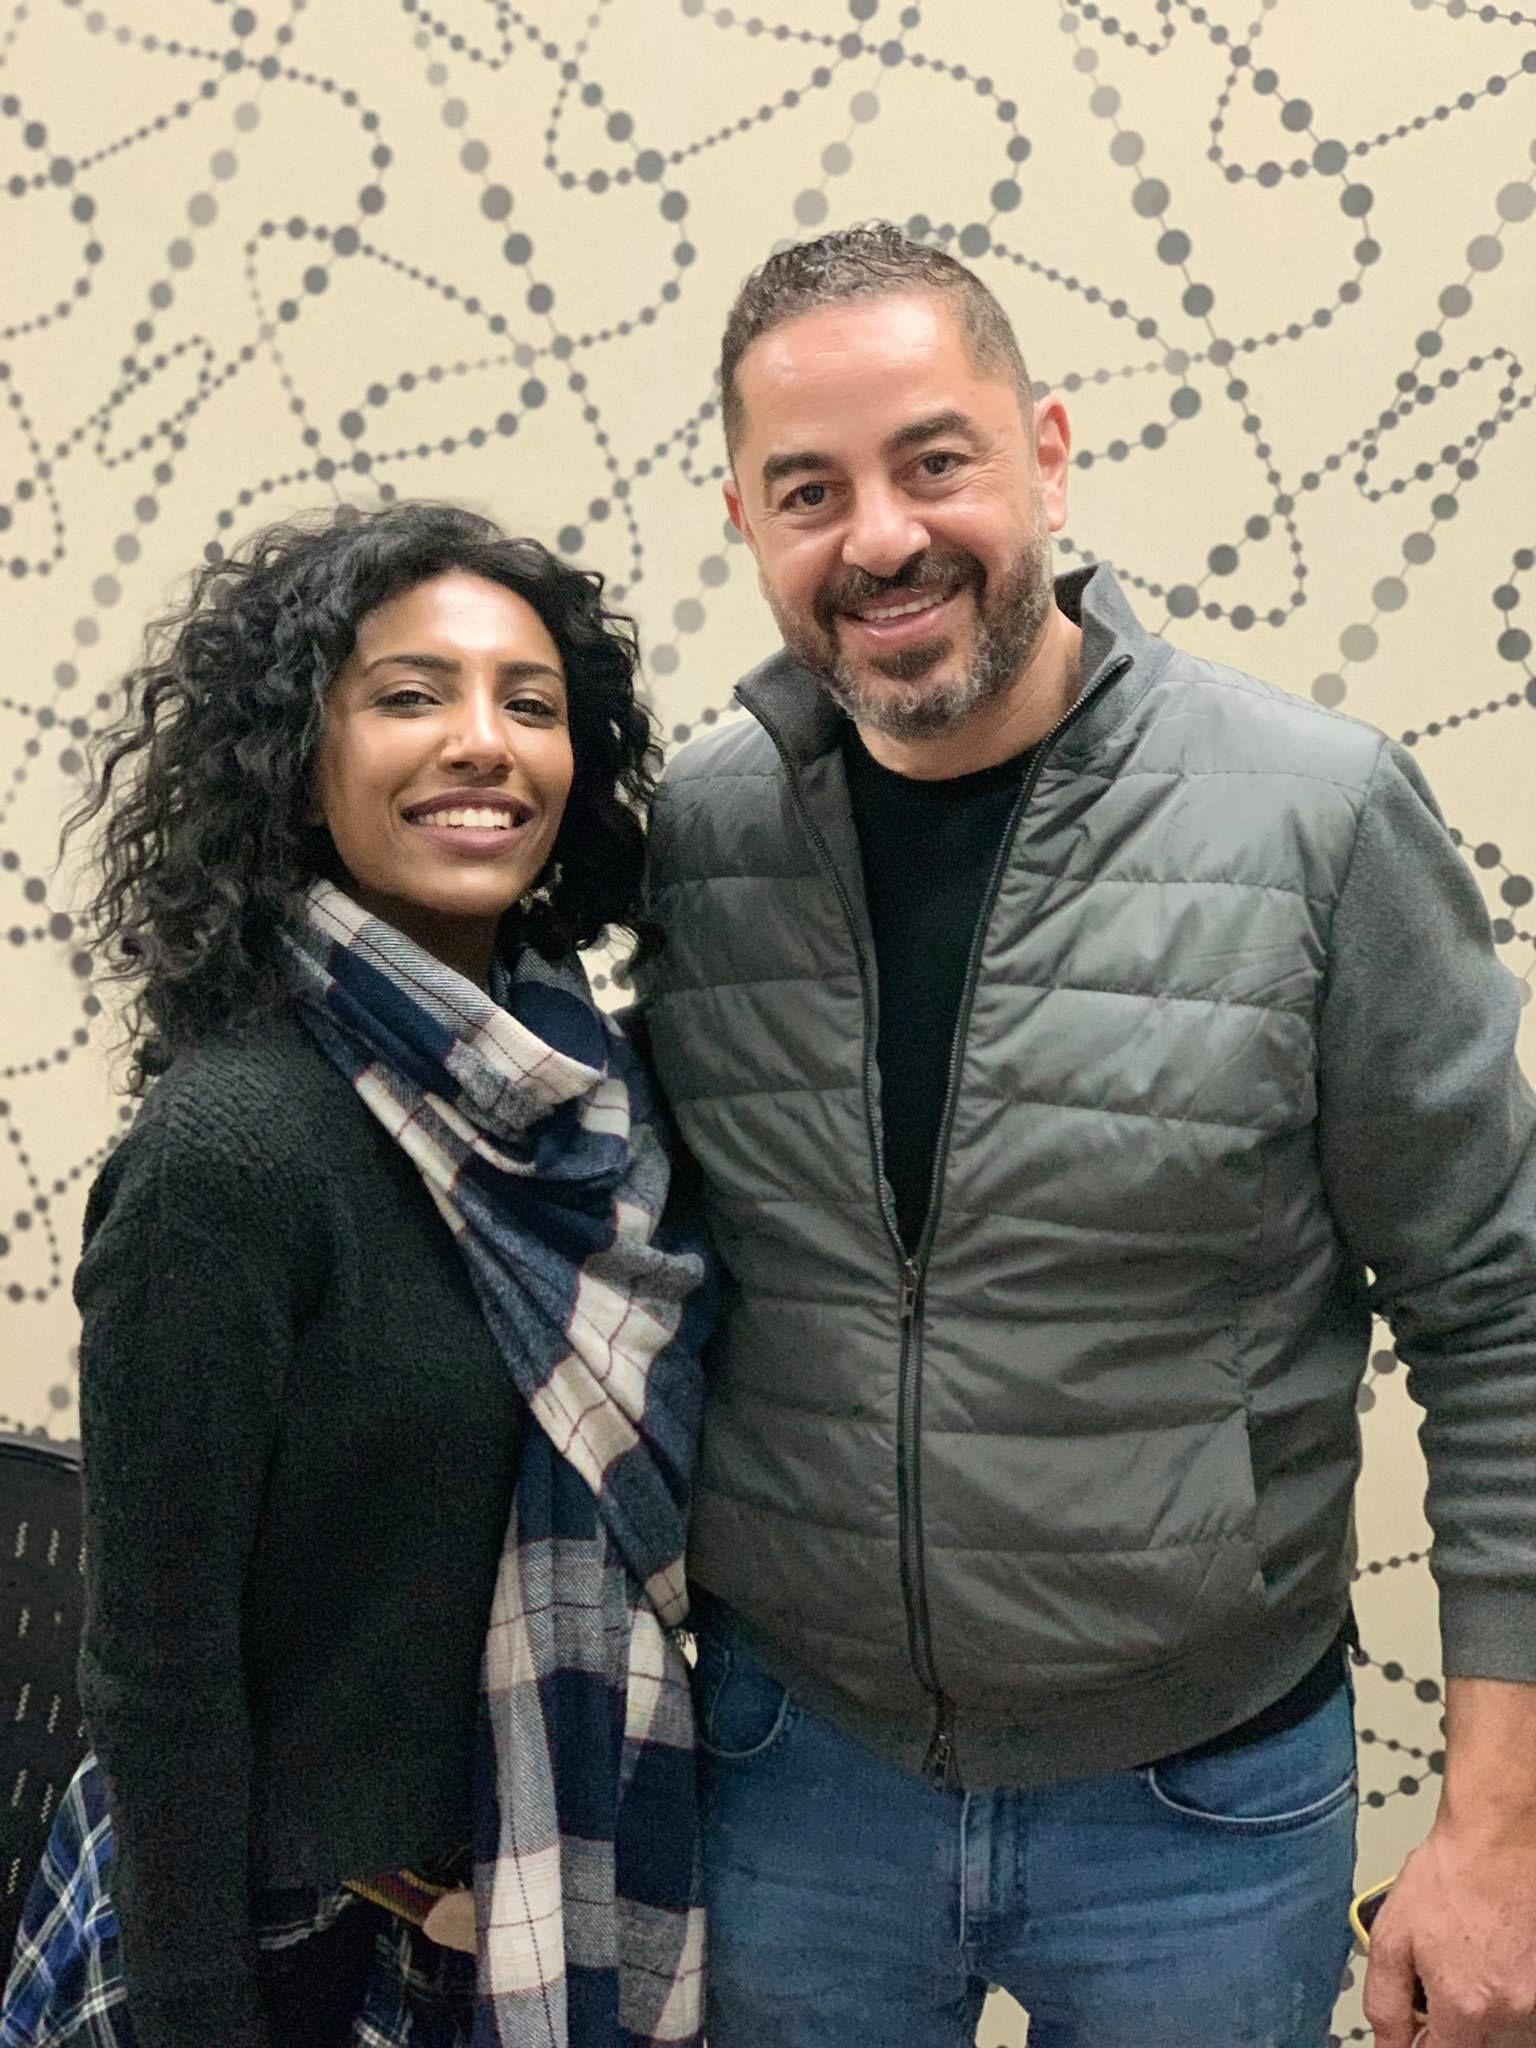 المخرج احمد شفيق اختار امنية العربي للمشاركة في بنت السطان